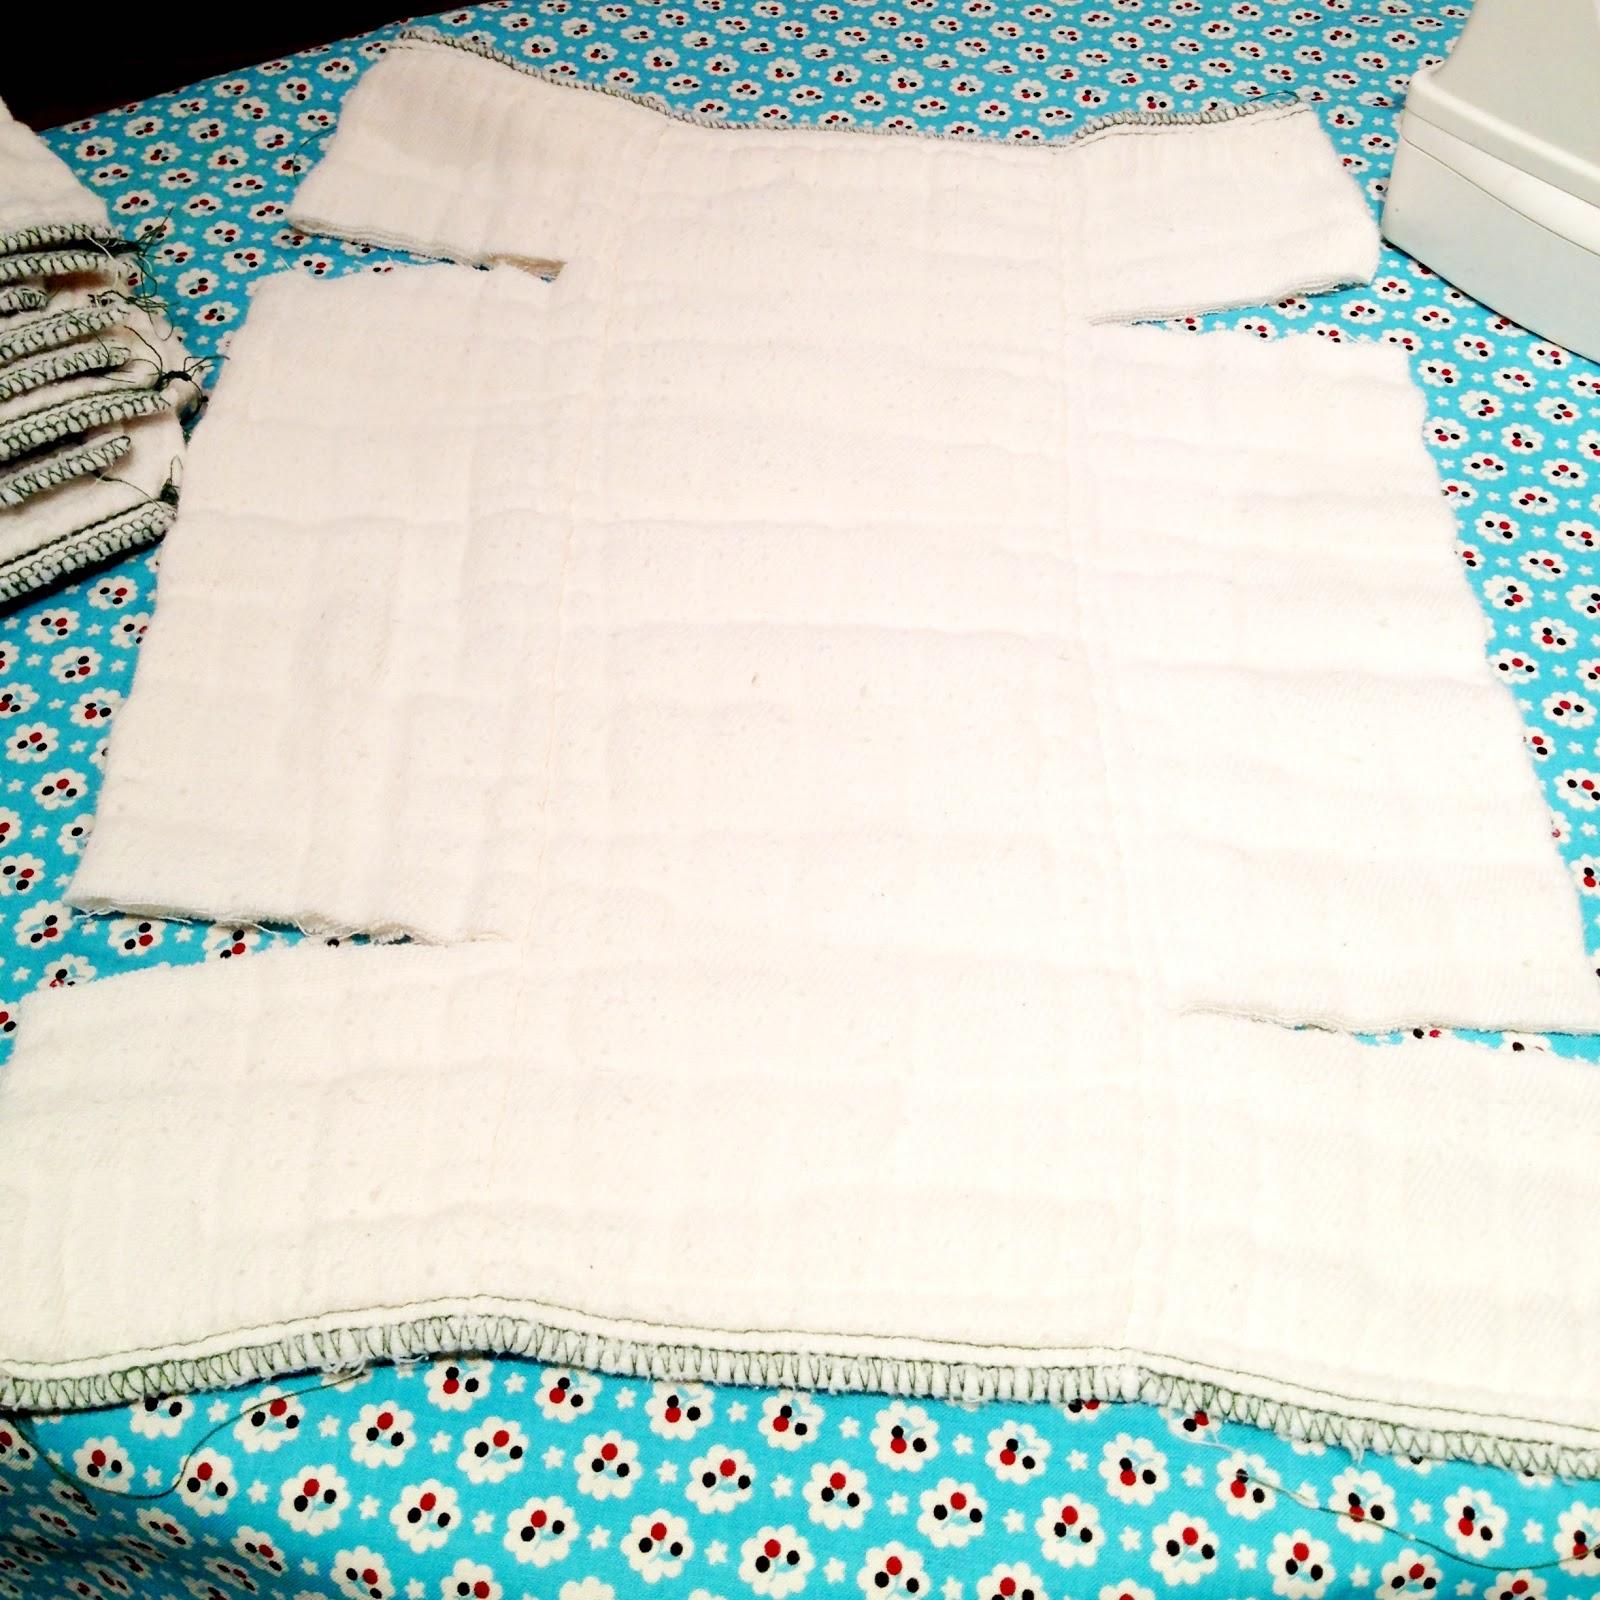 Как сшить подгузники из марли для новорожденных своими руками? 1